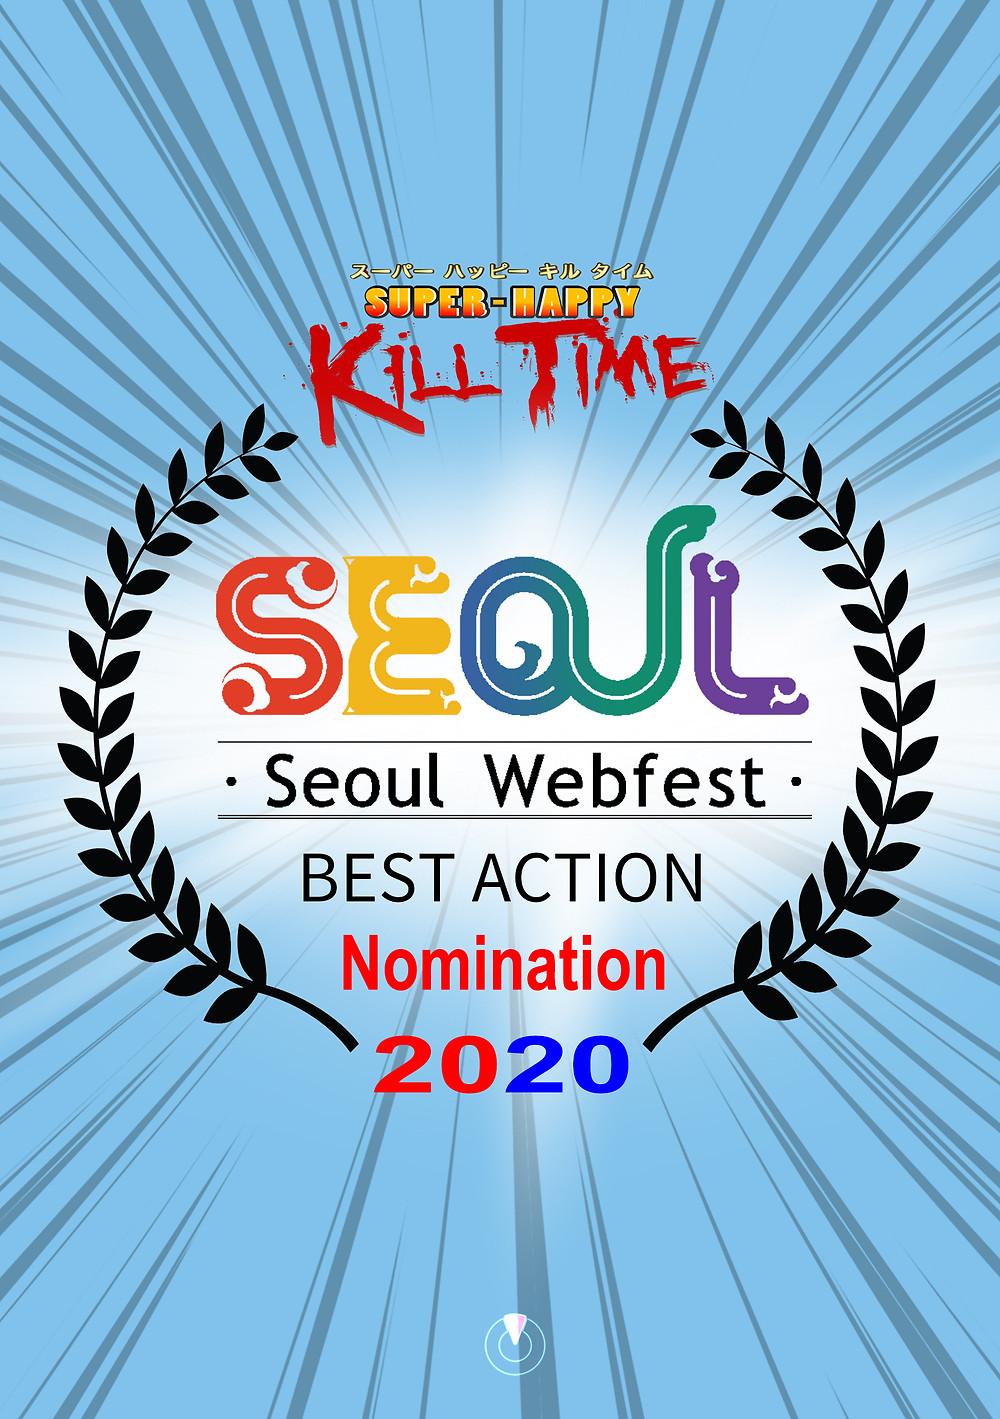 Seoul Web Fest 2020 Best Action SHKT